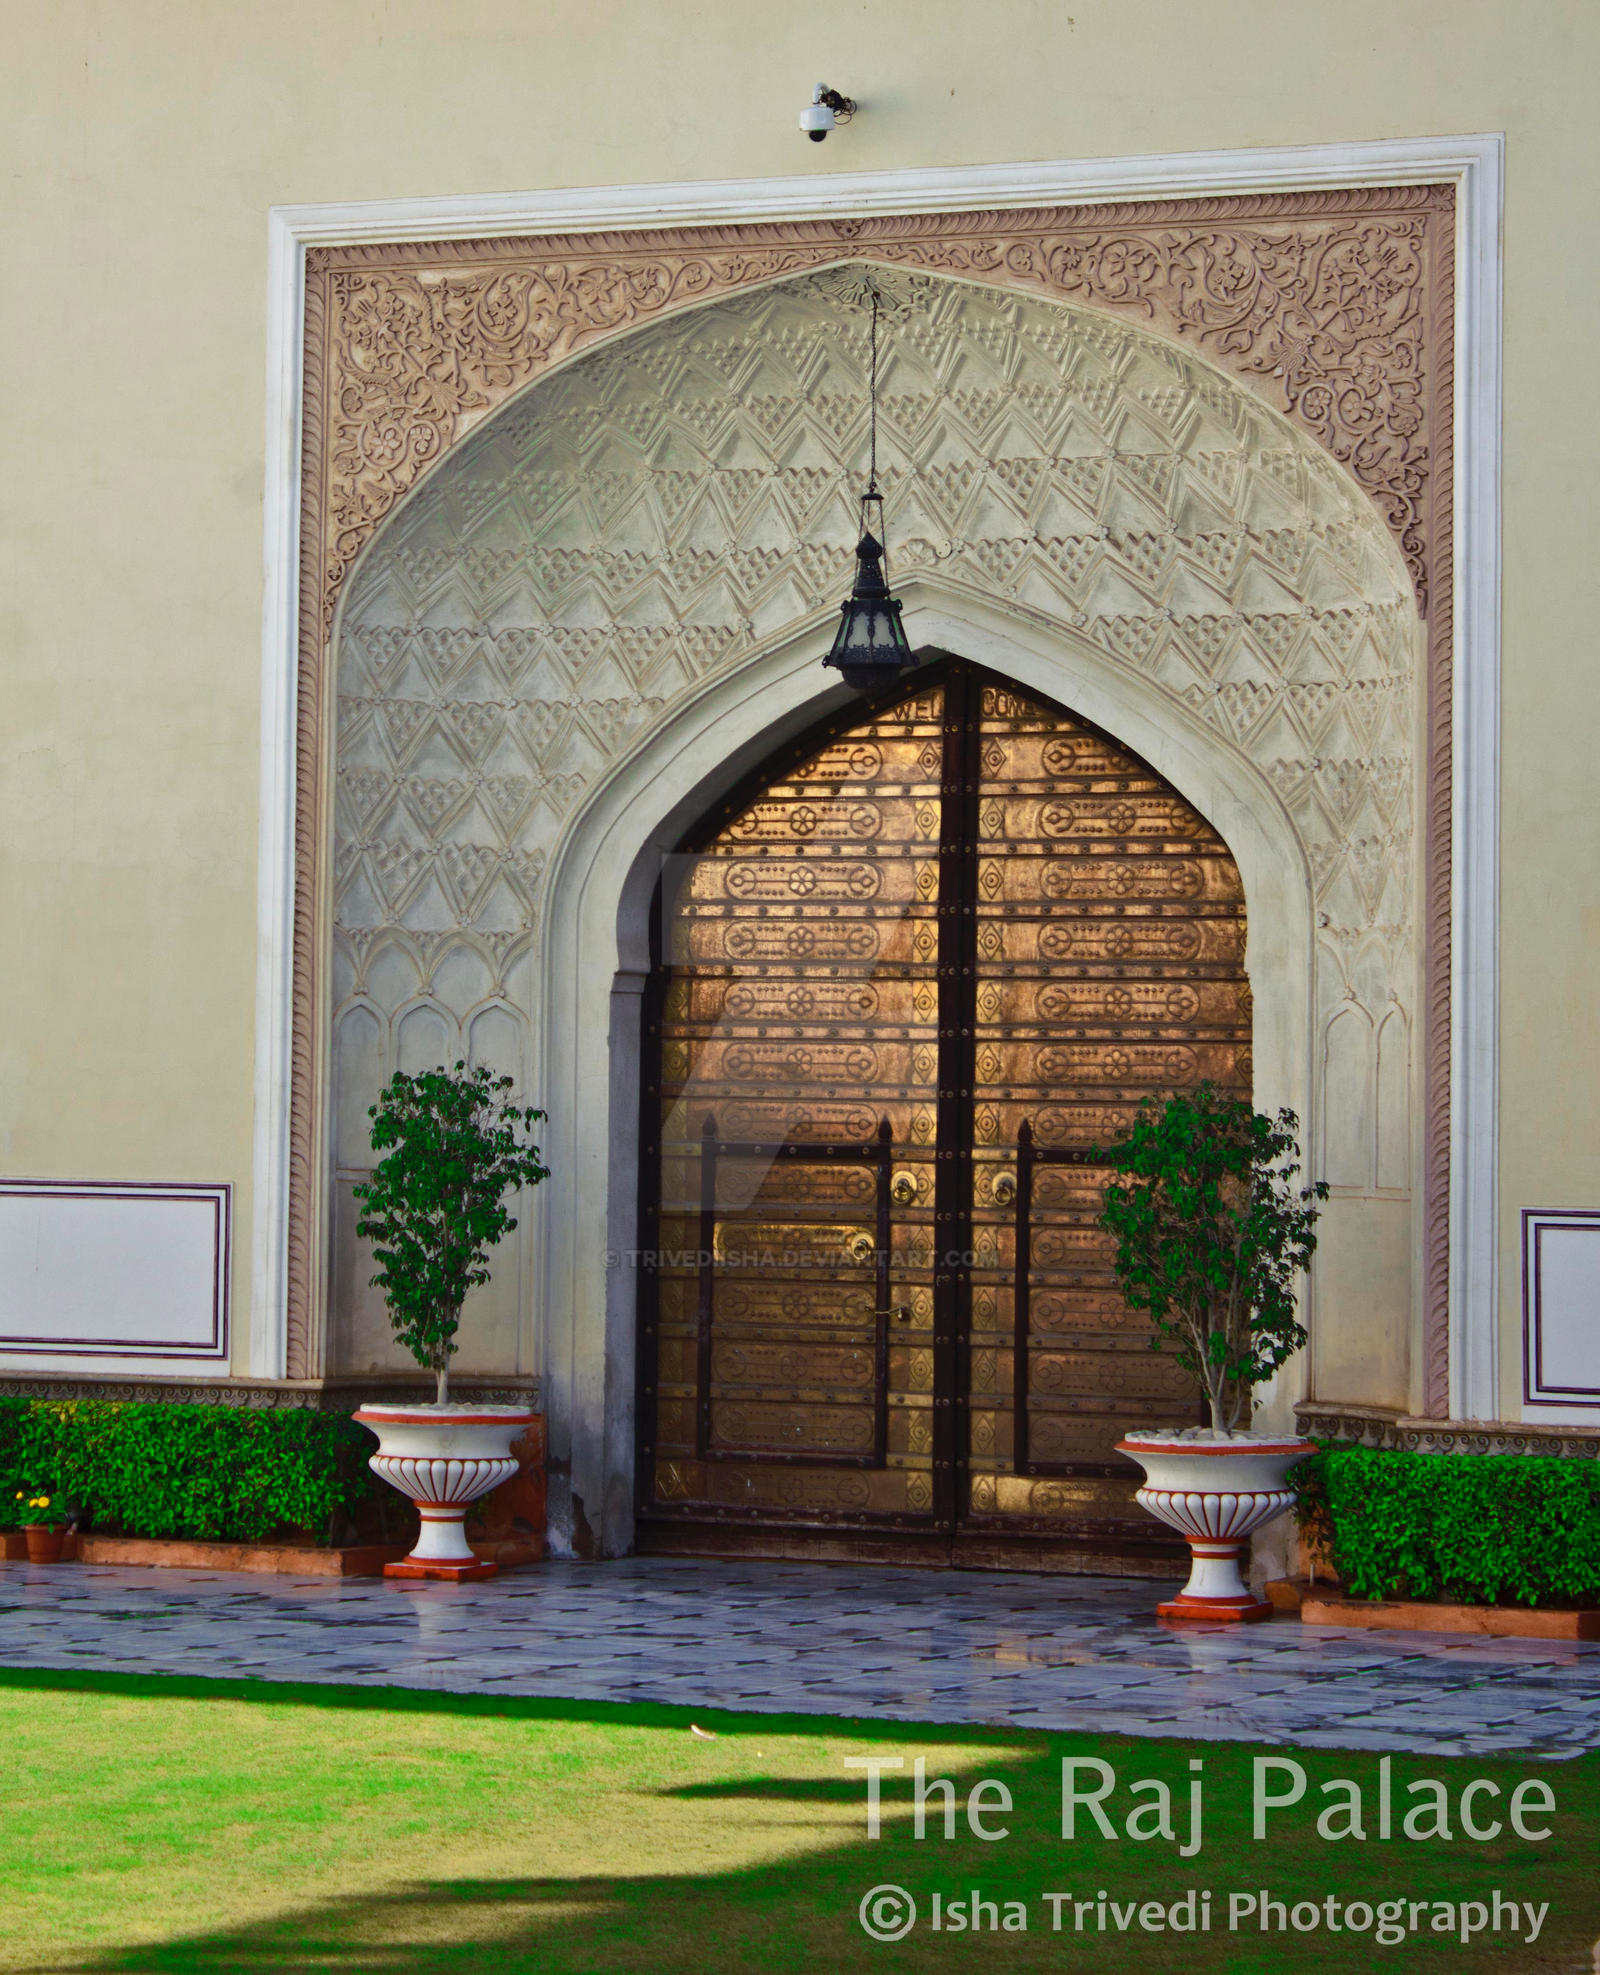 The Raj Palace - clicked by Isha Trivedi by trivediisha